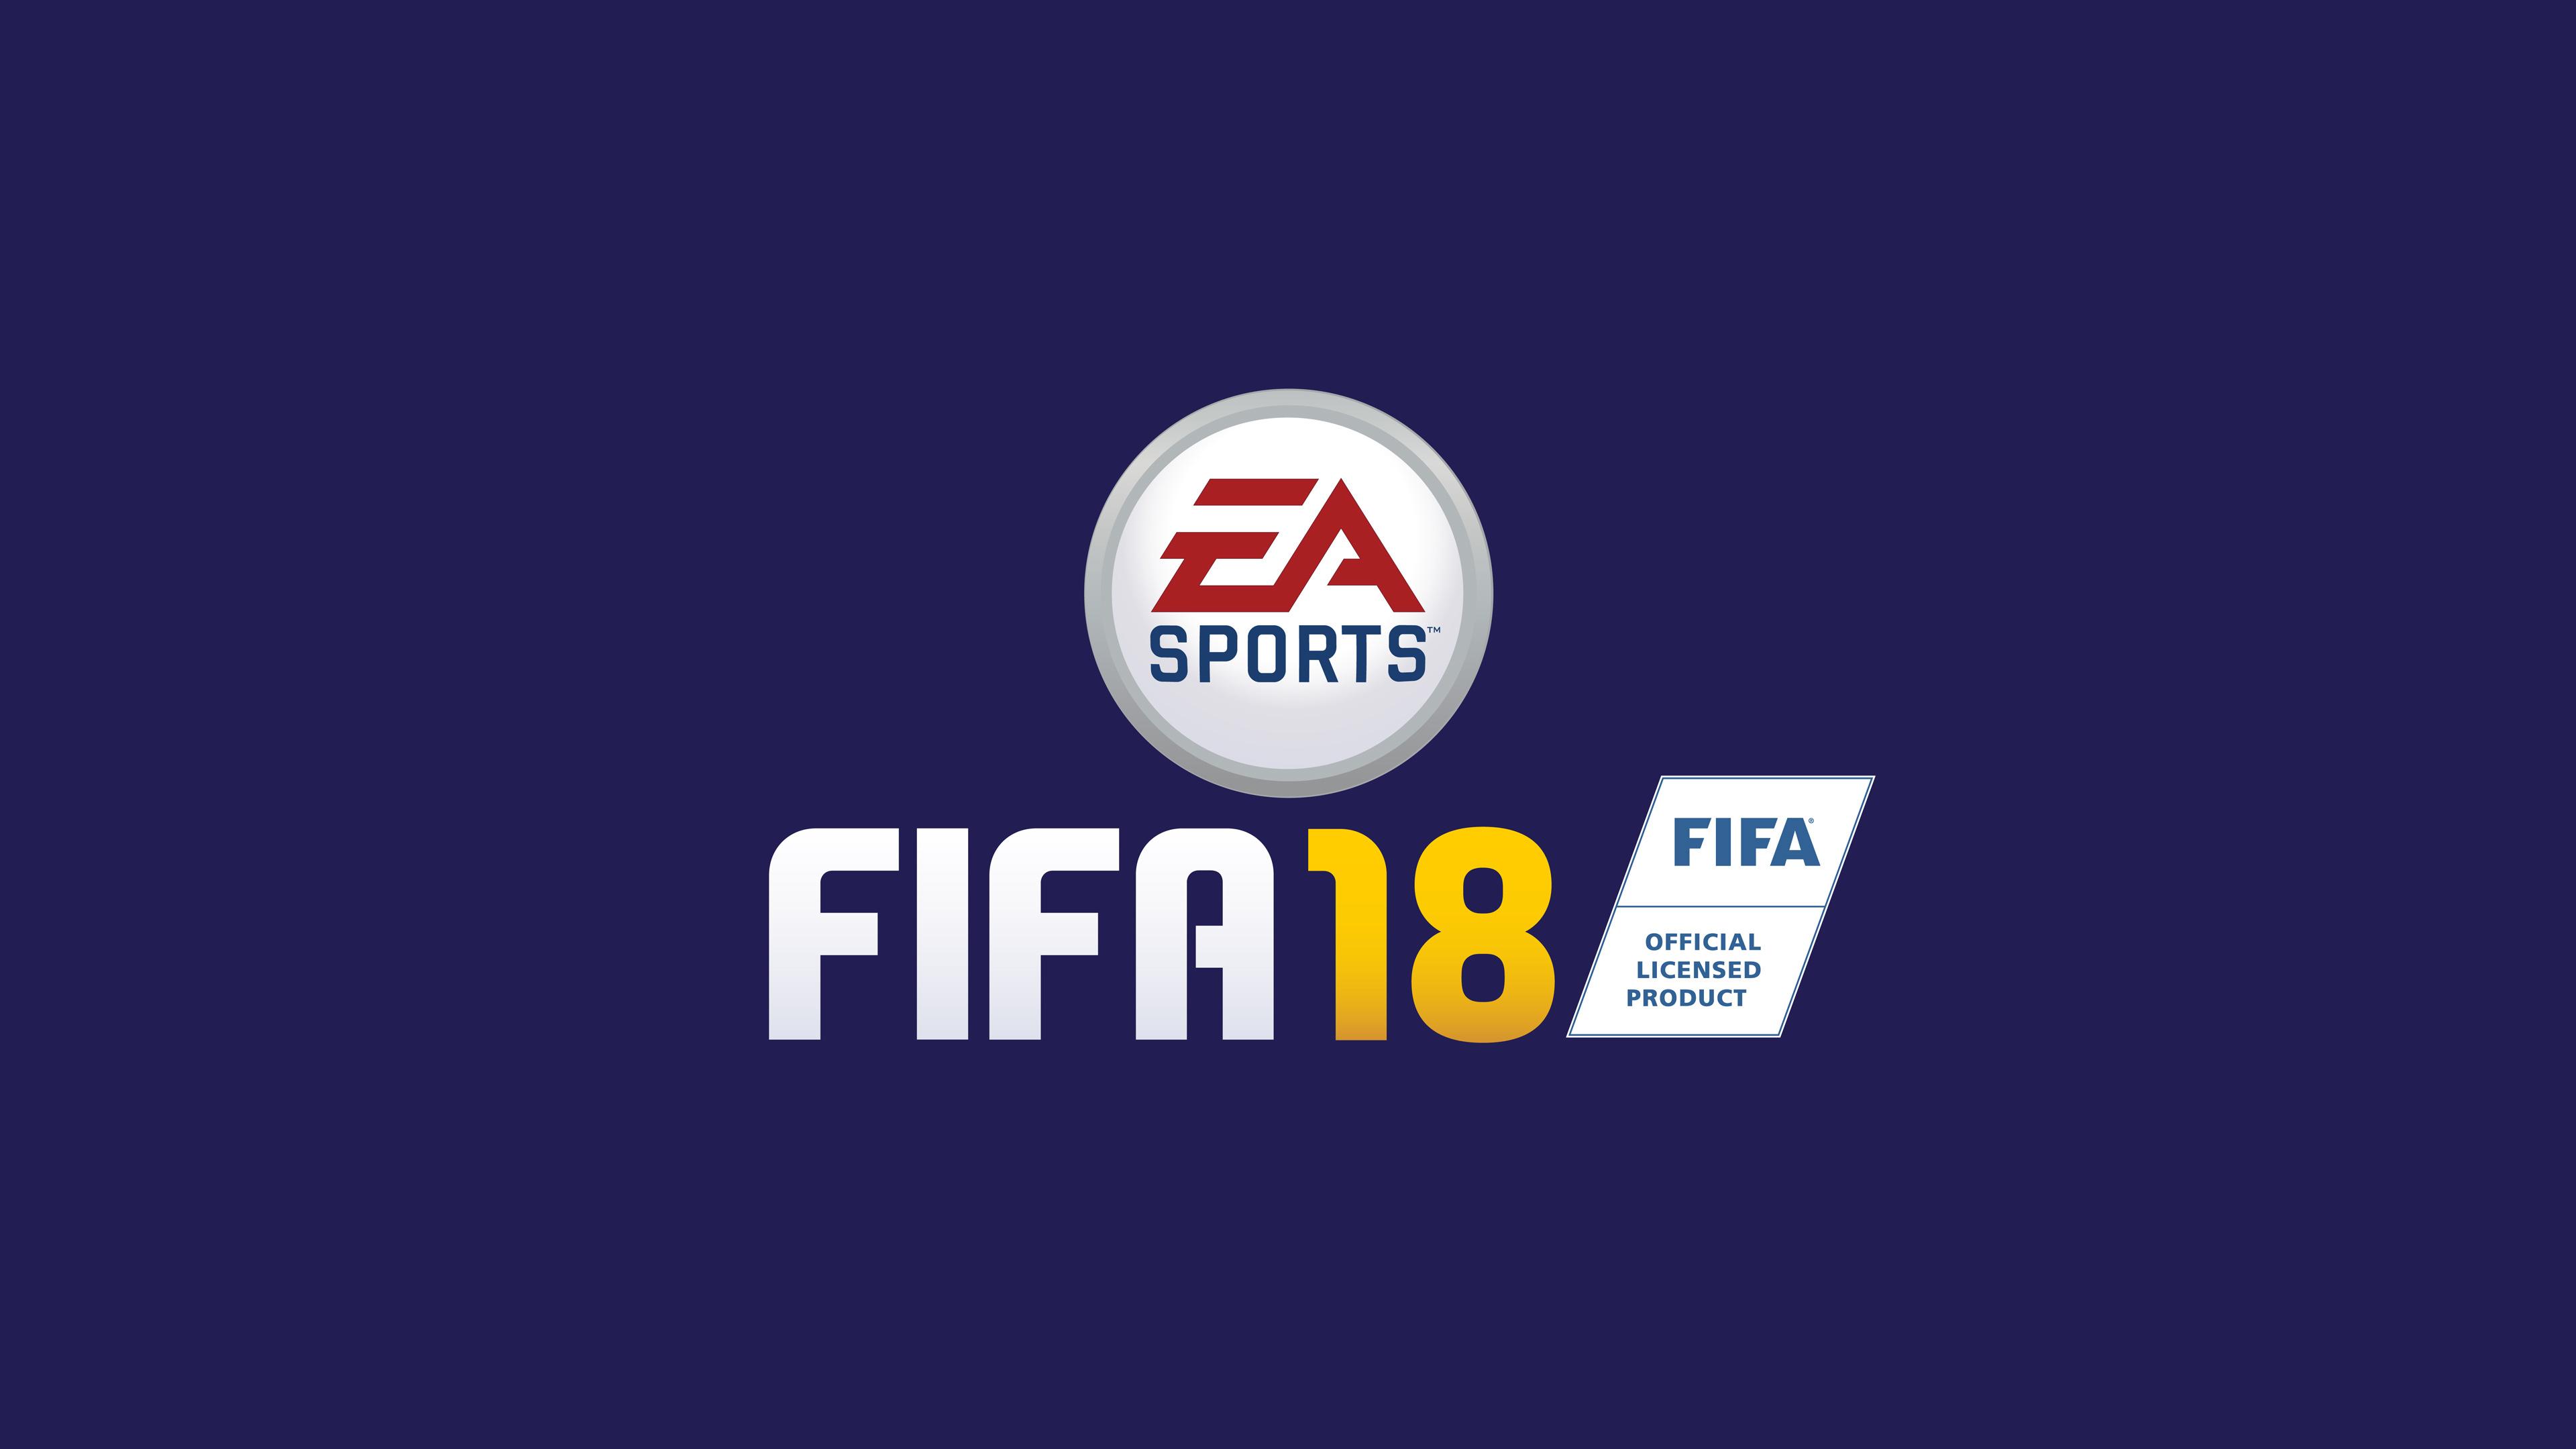 ФИФА 18. обои скачать